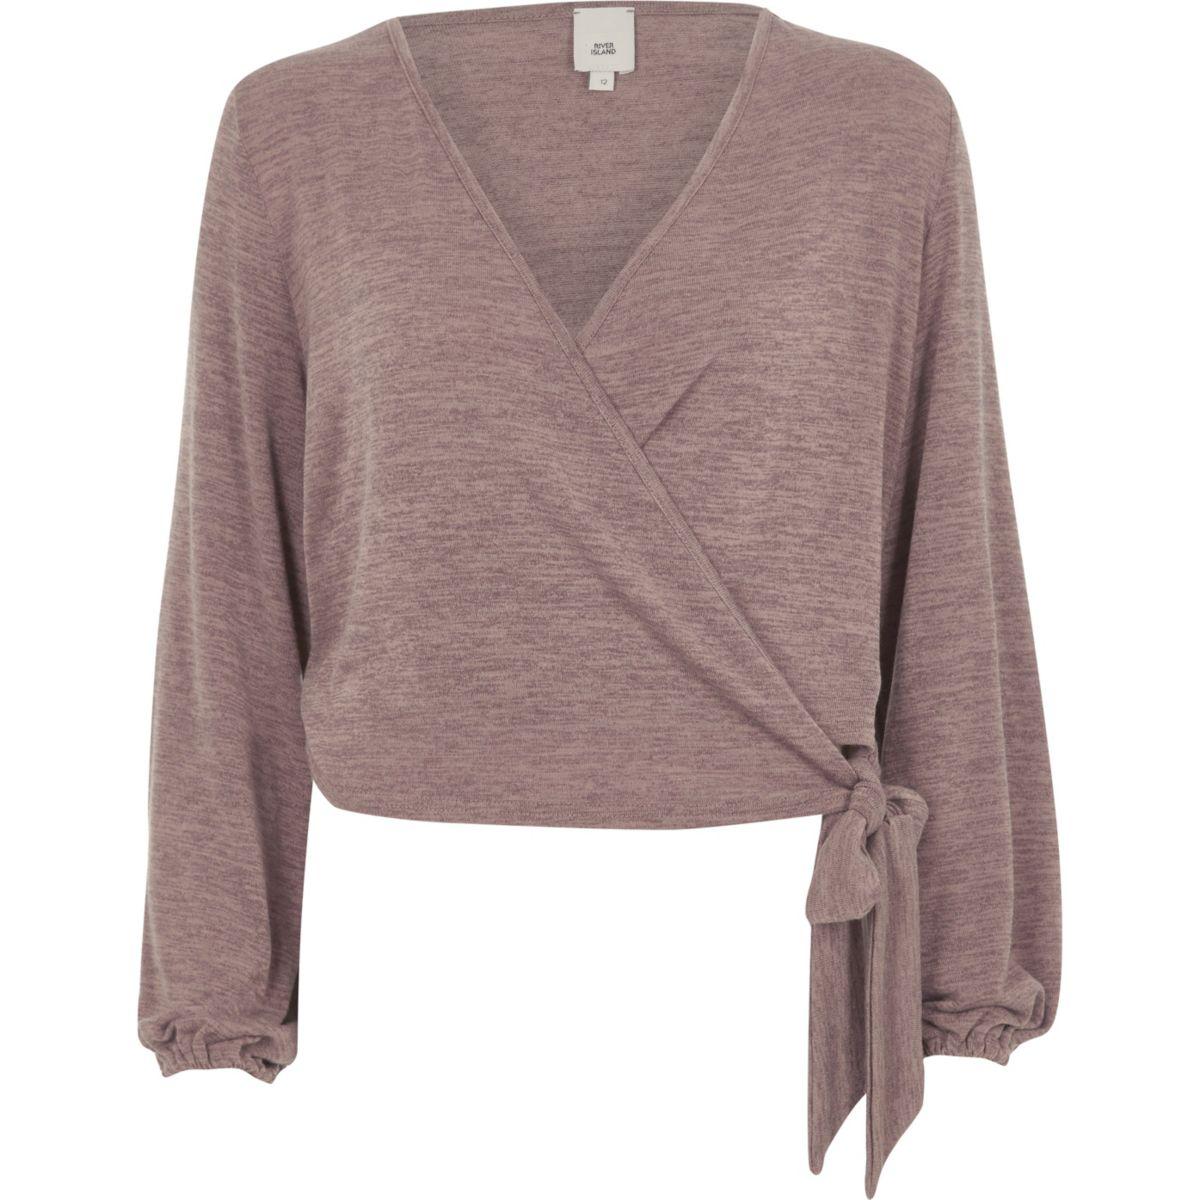 Brown knit wrap ballet top